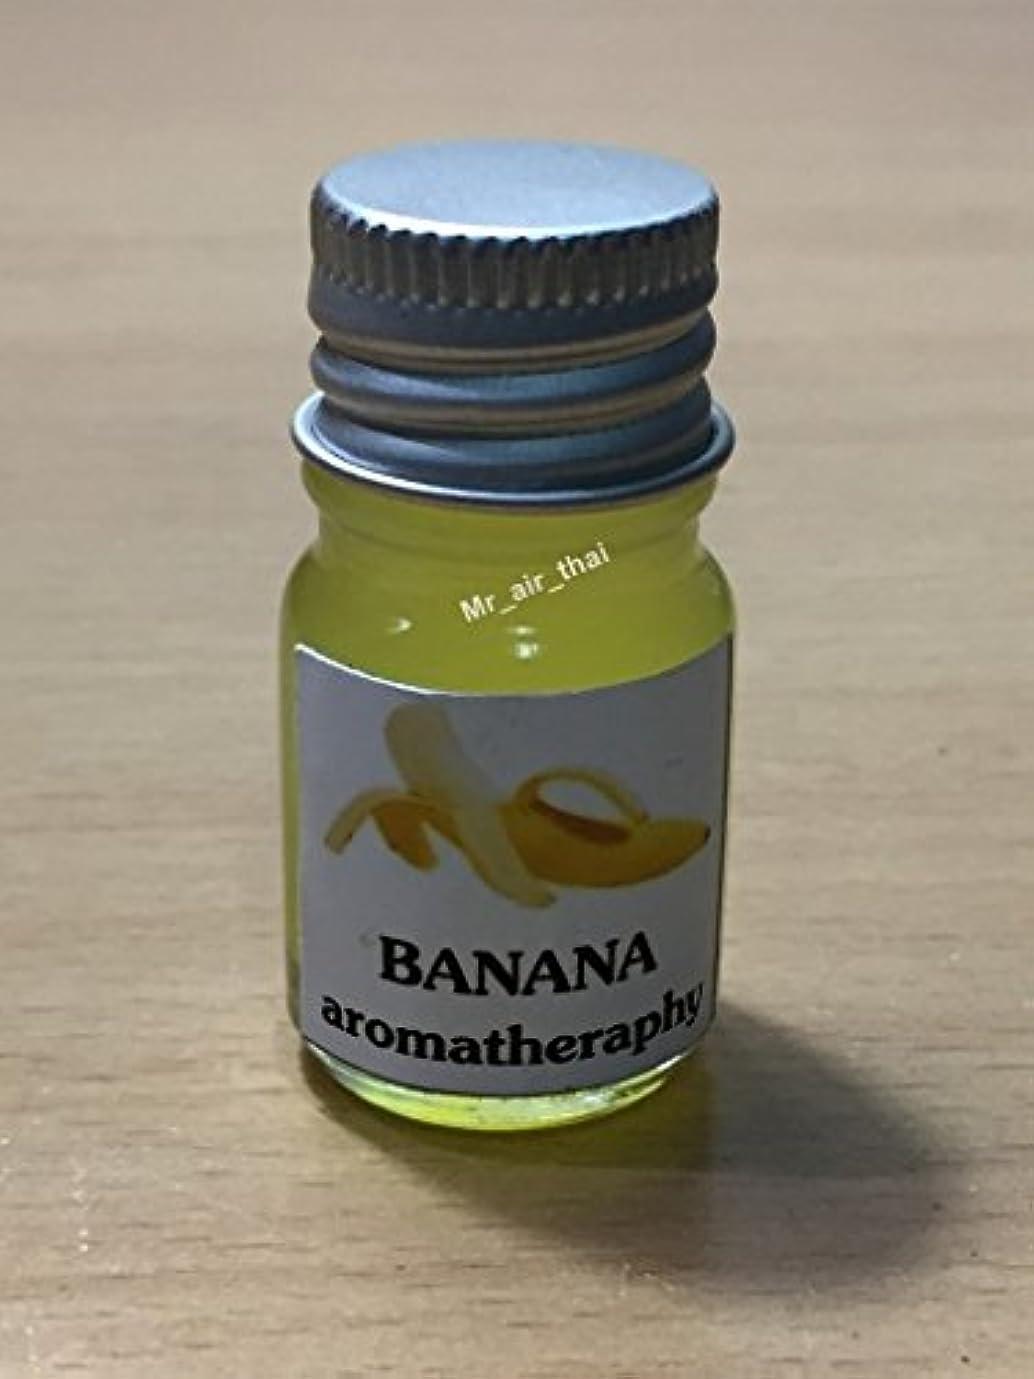 引き算レンズ公使館5ミリリットルアロマバナナフランクインセンスエッセンシャルオイルボトルアロマテラピーオイル自然自然5ml Aroma Banana Frankincense Essential Oil Bottles Aromatherapy...